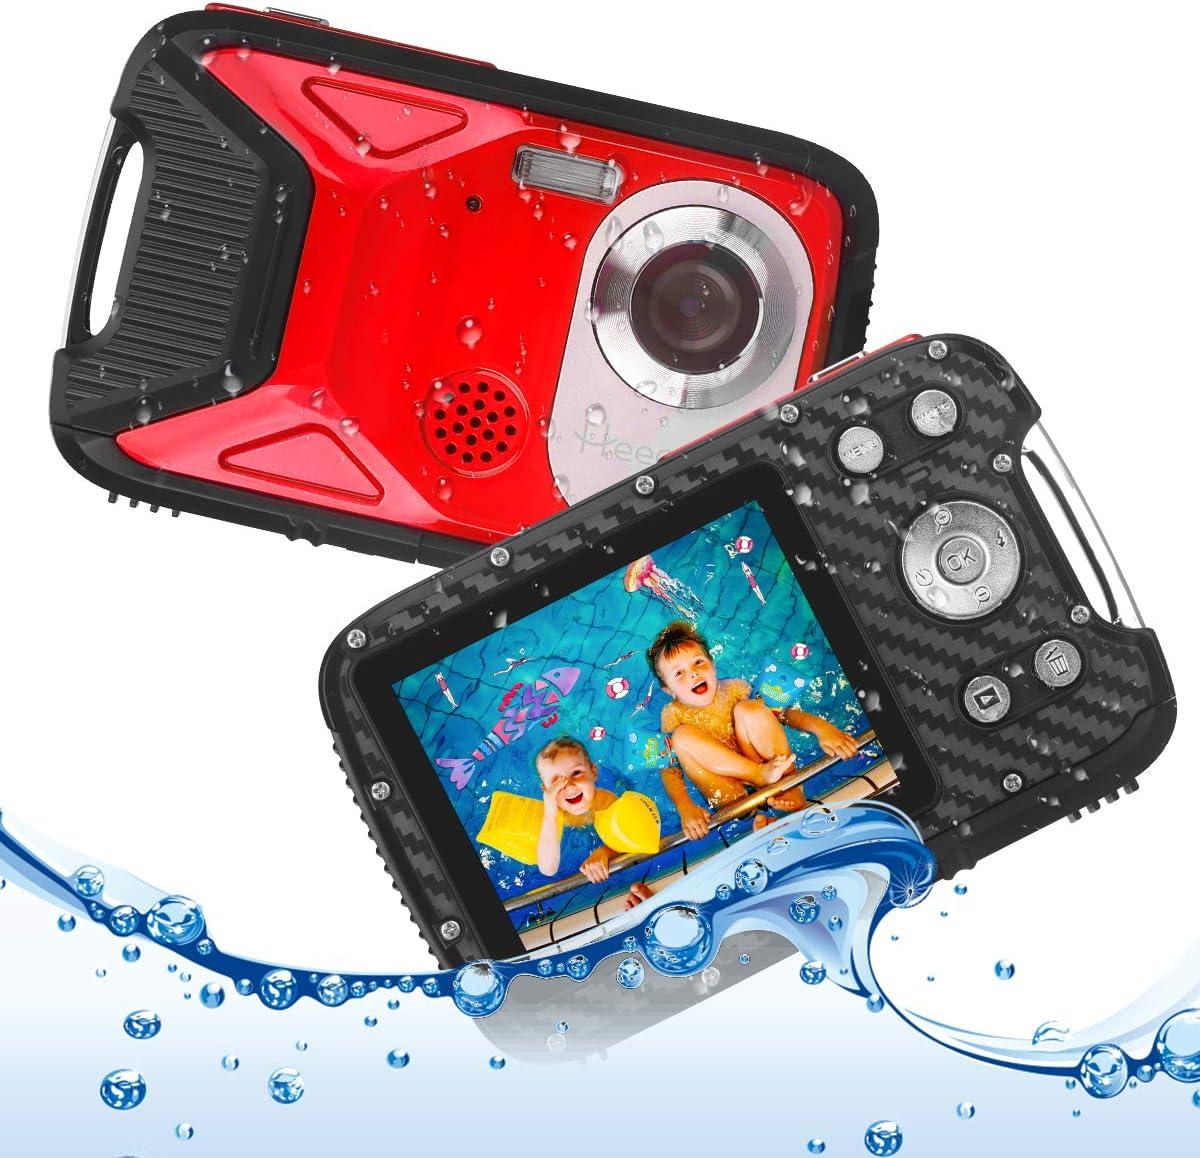 Heegomn Cámara Digital Impermeable para niños, 16MP Full HD 1080P, Zoom Digital 8X, Cámara subacuática para Adolescentes/Principiantes (Rojo)